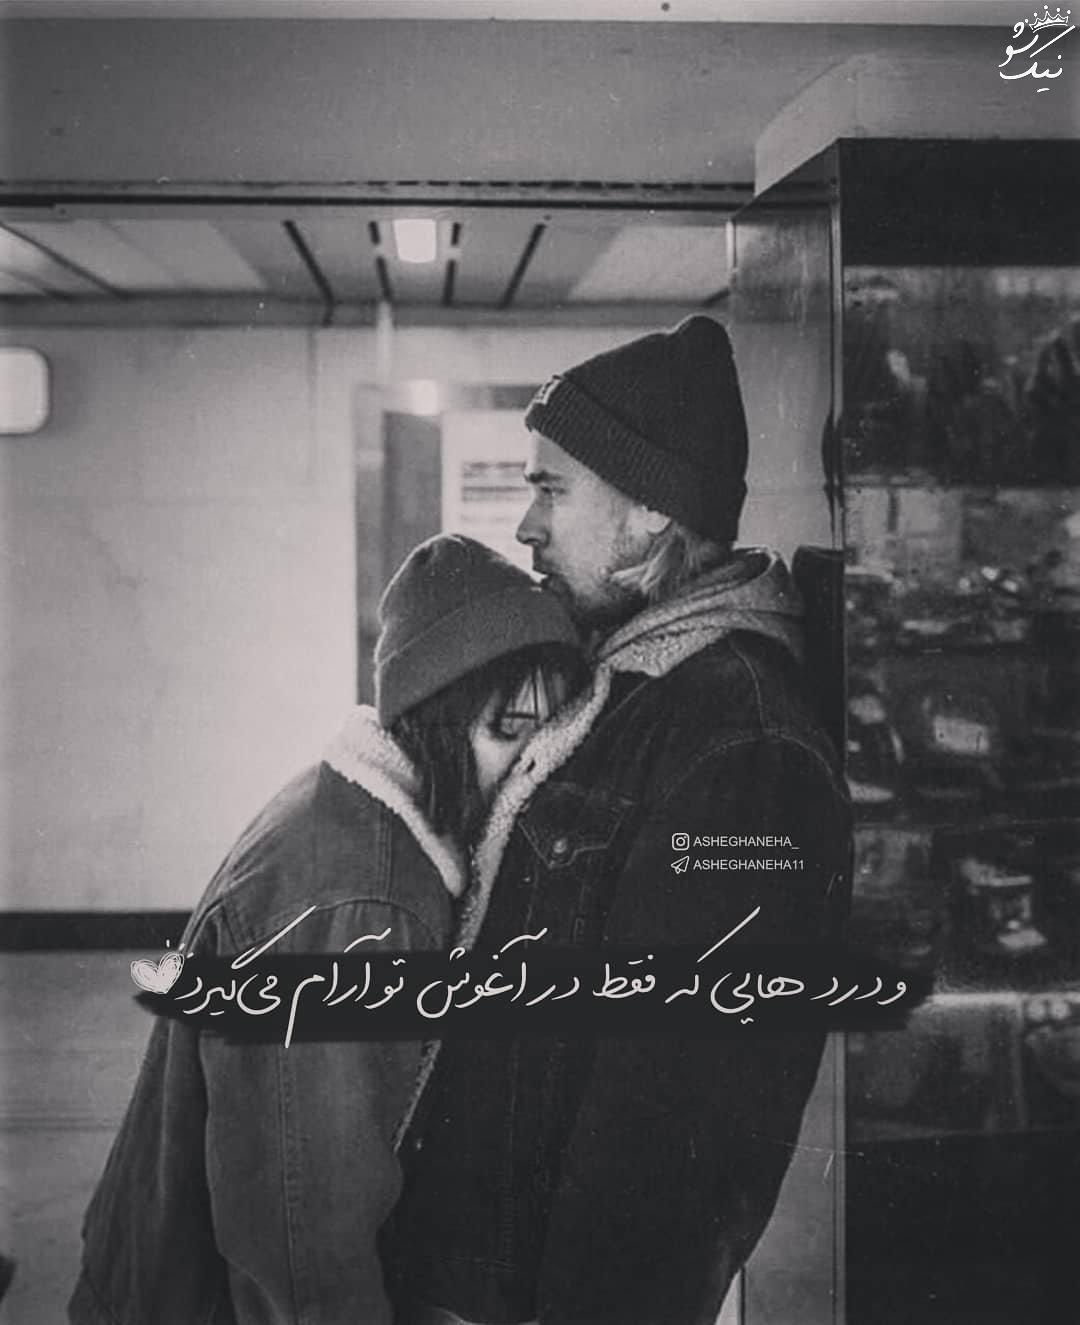 عکس عاشقانه متن دار دختر و پسر (70)